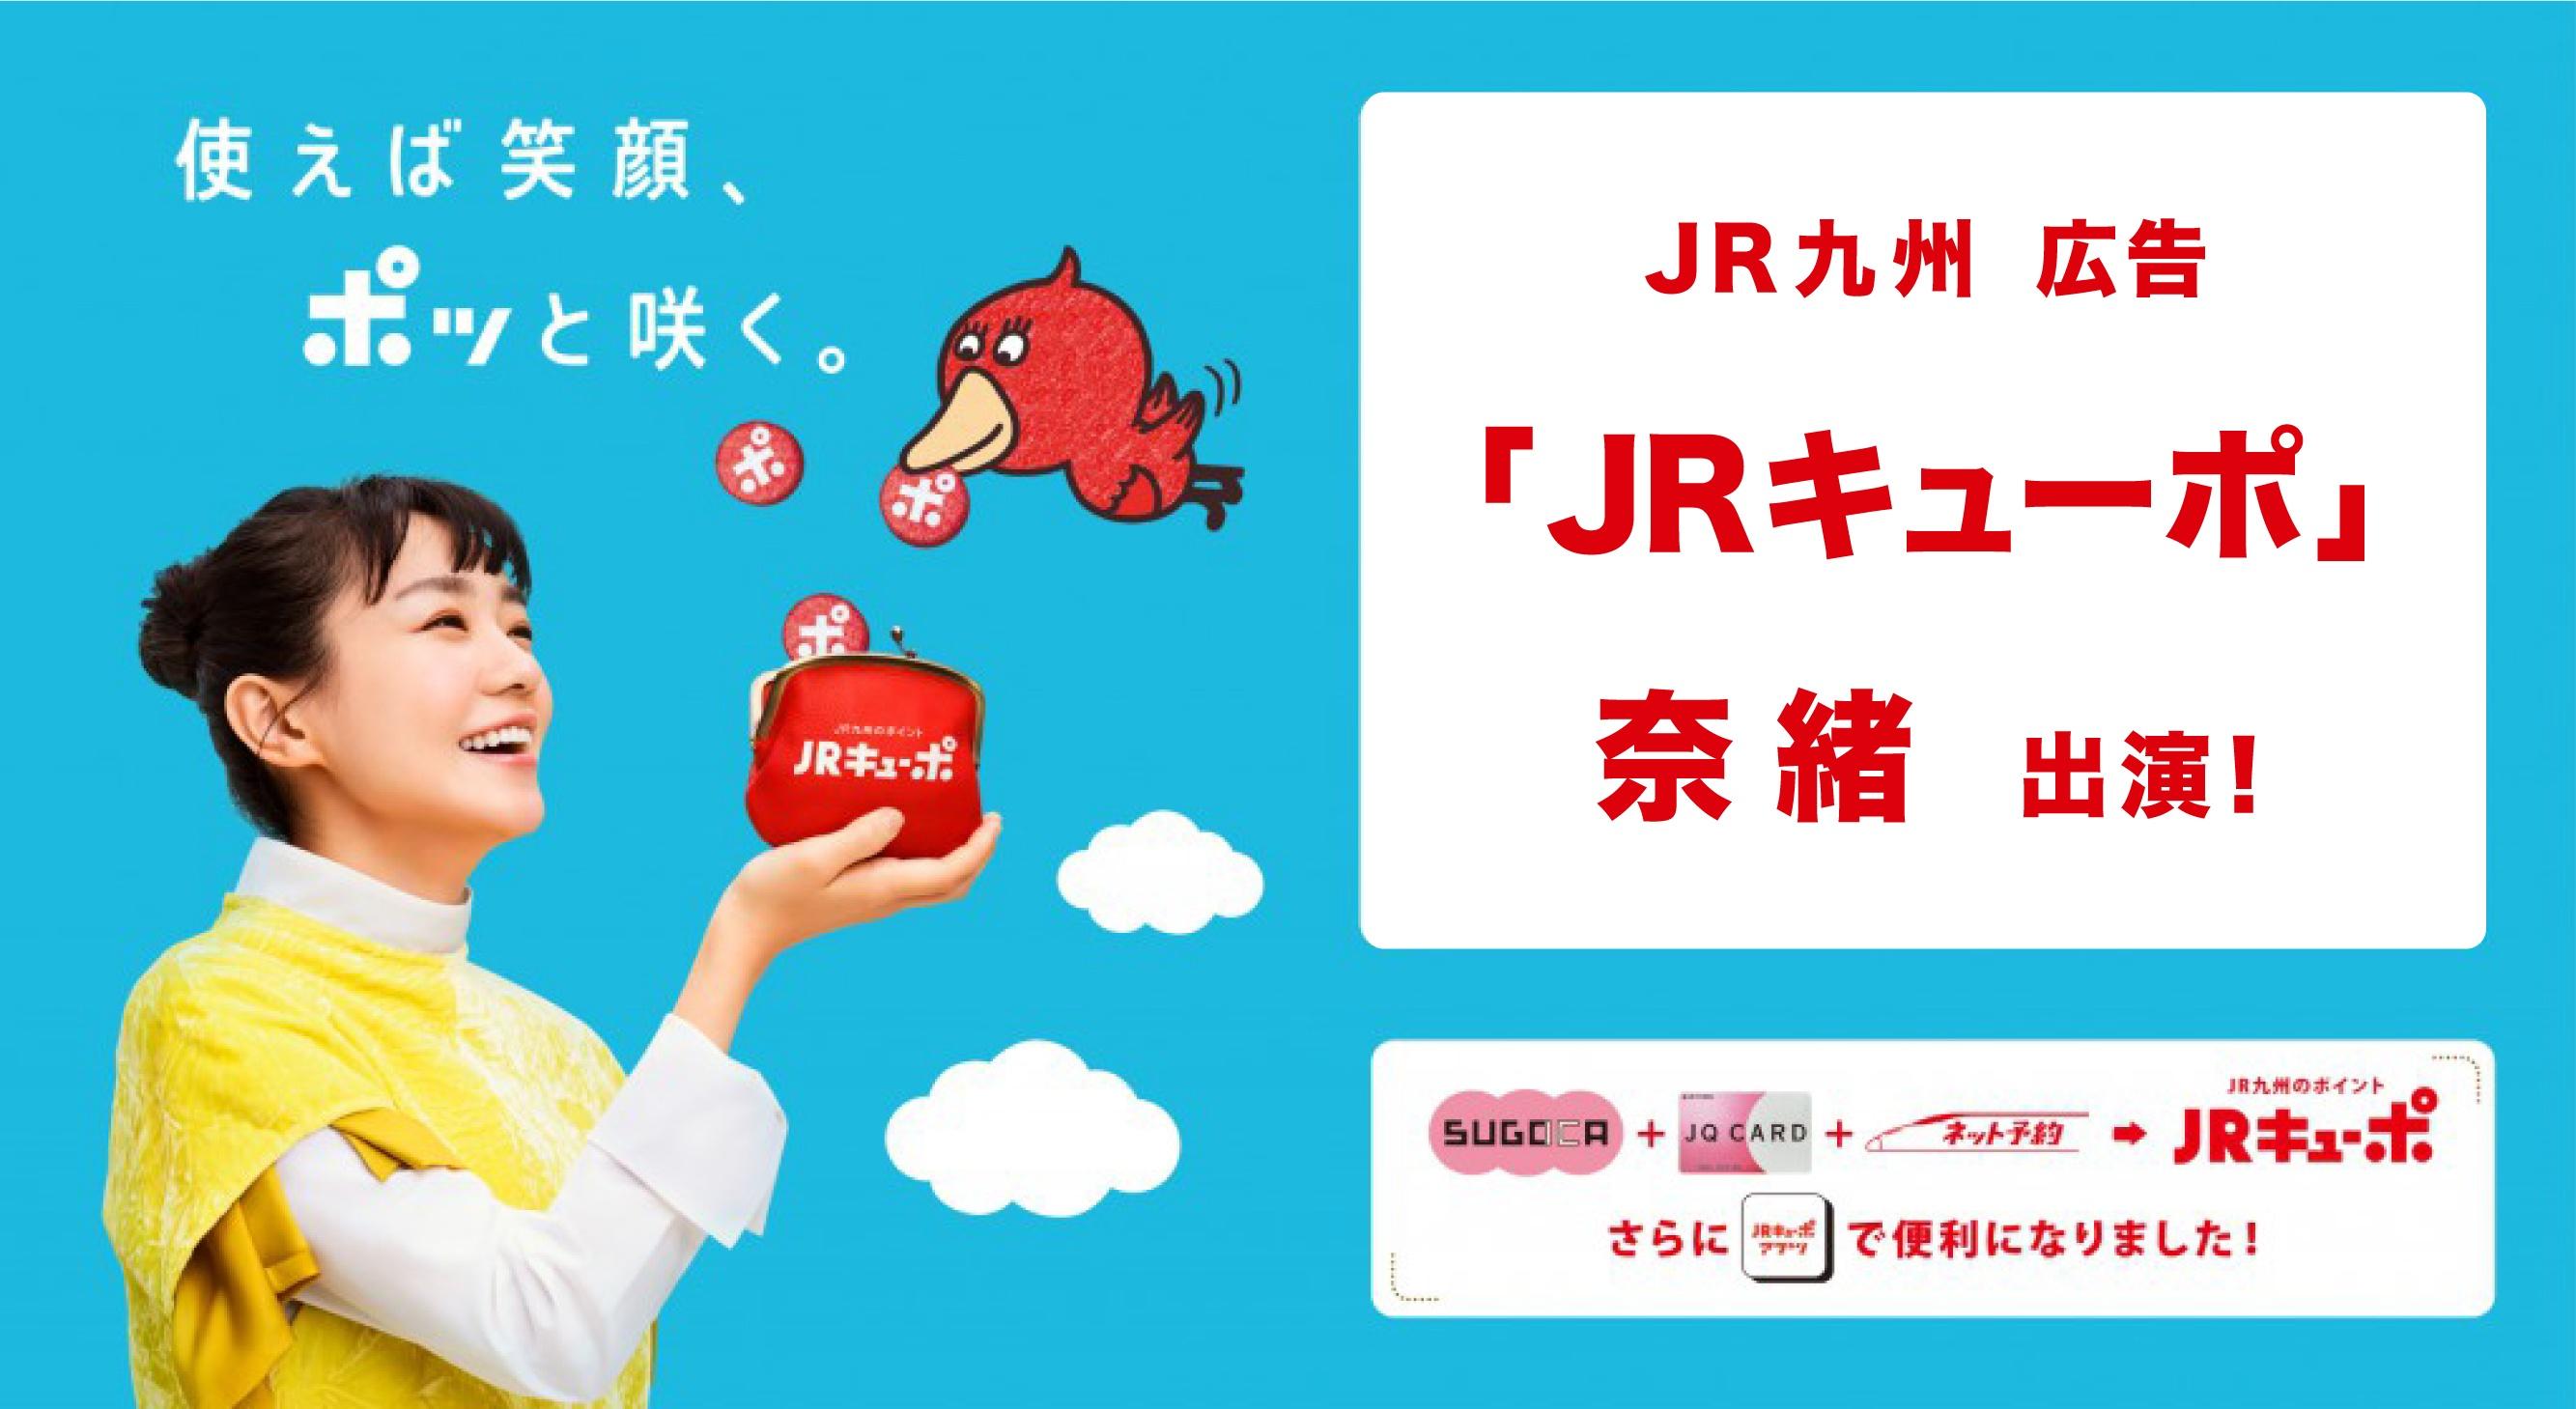 奈緒 JR九州CM「JRキューポ」